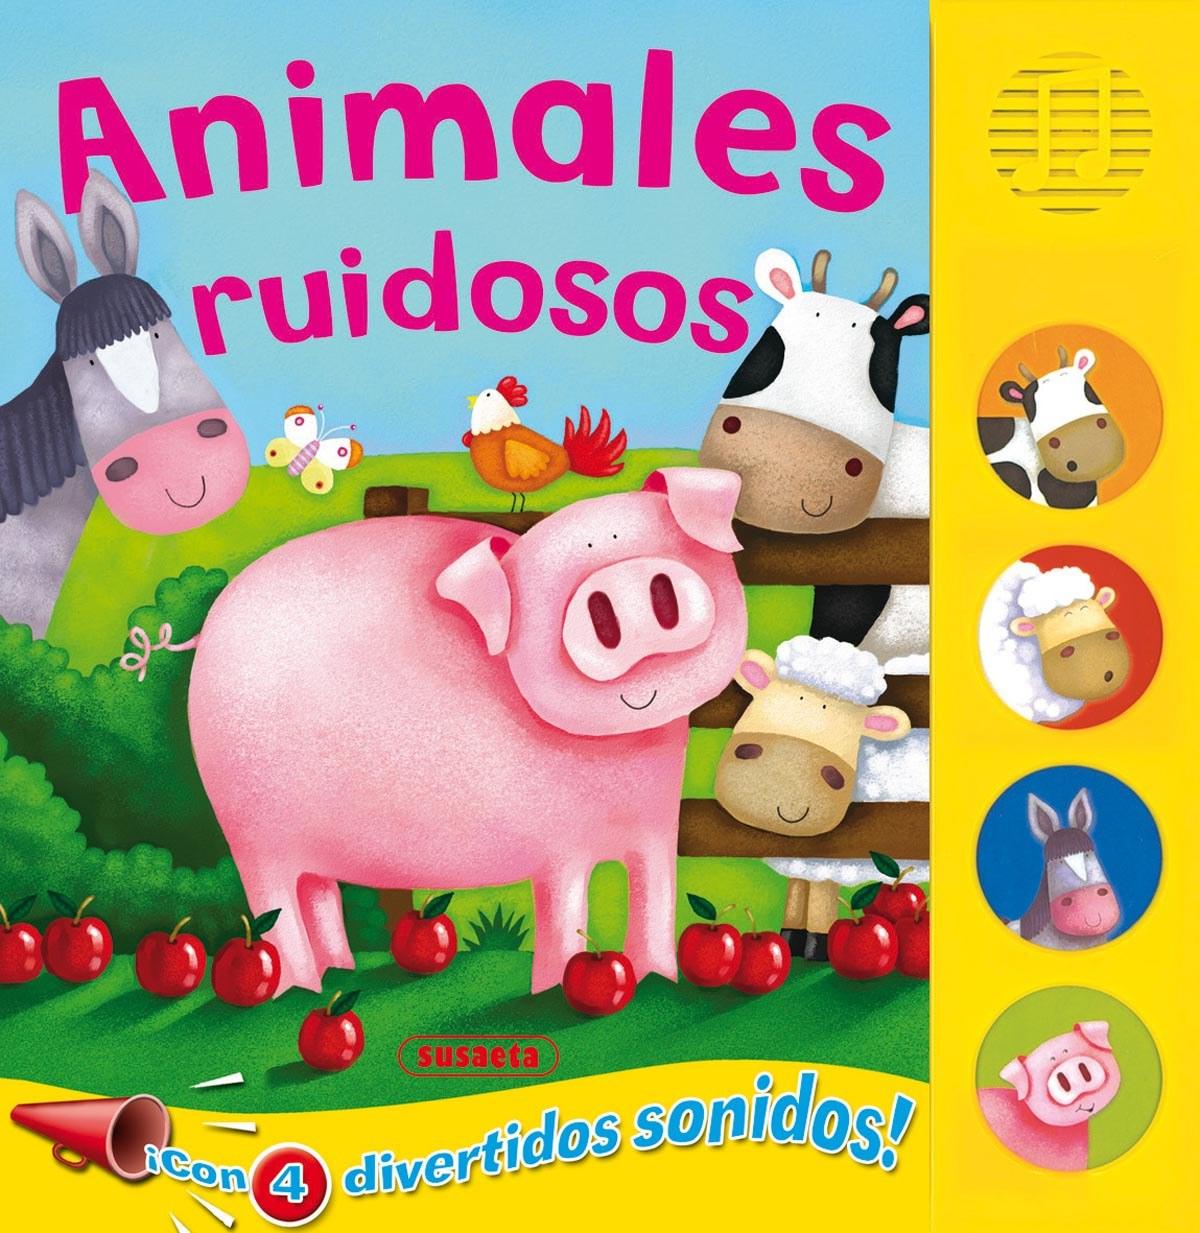 Animales ruidosos (Botones ruidosos) 9788467702712